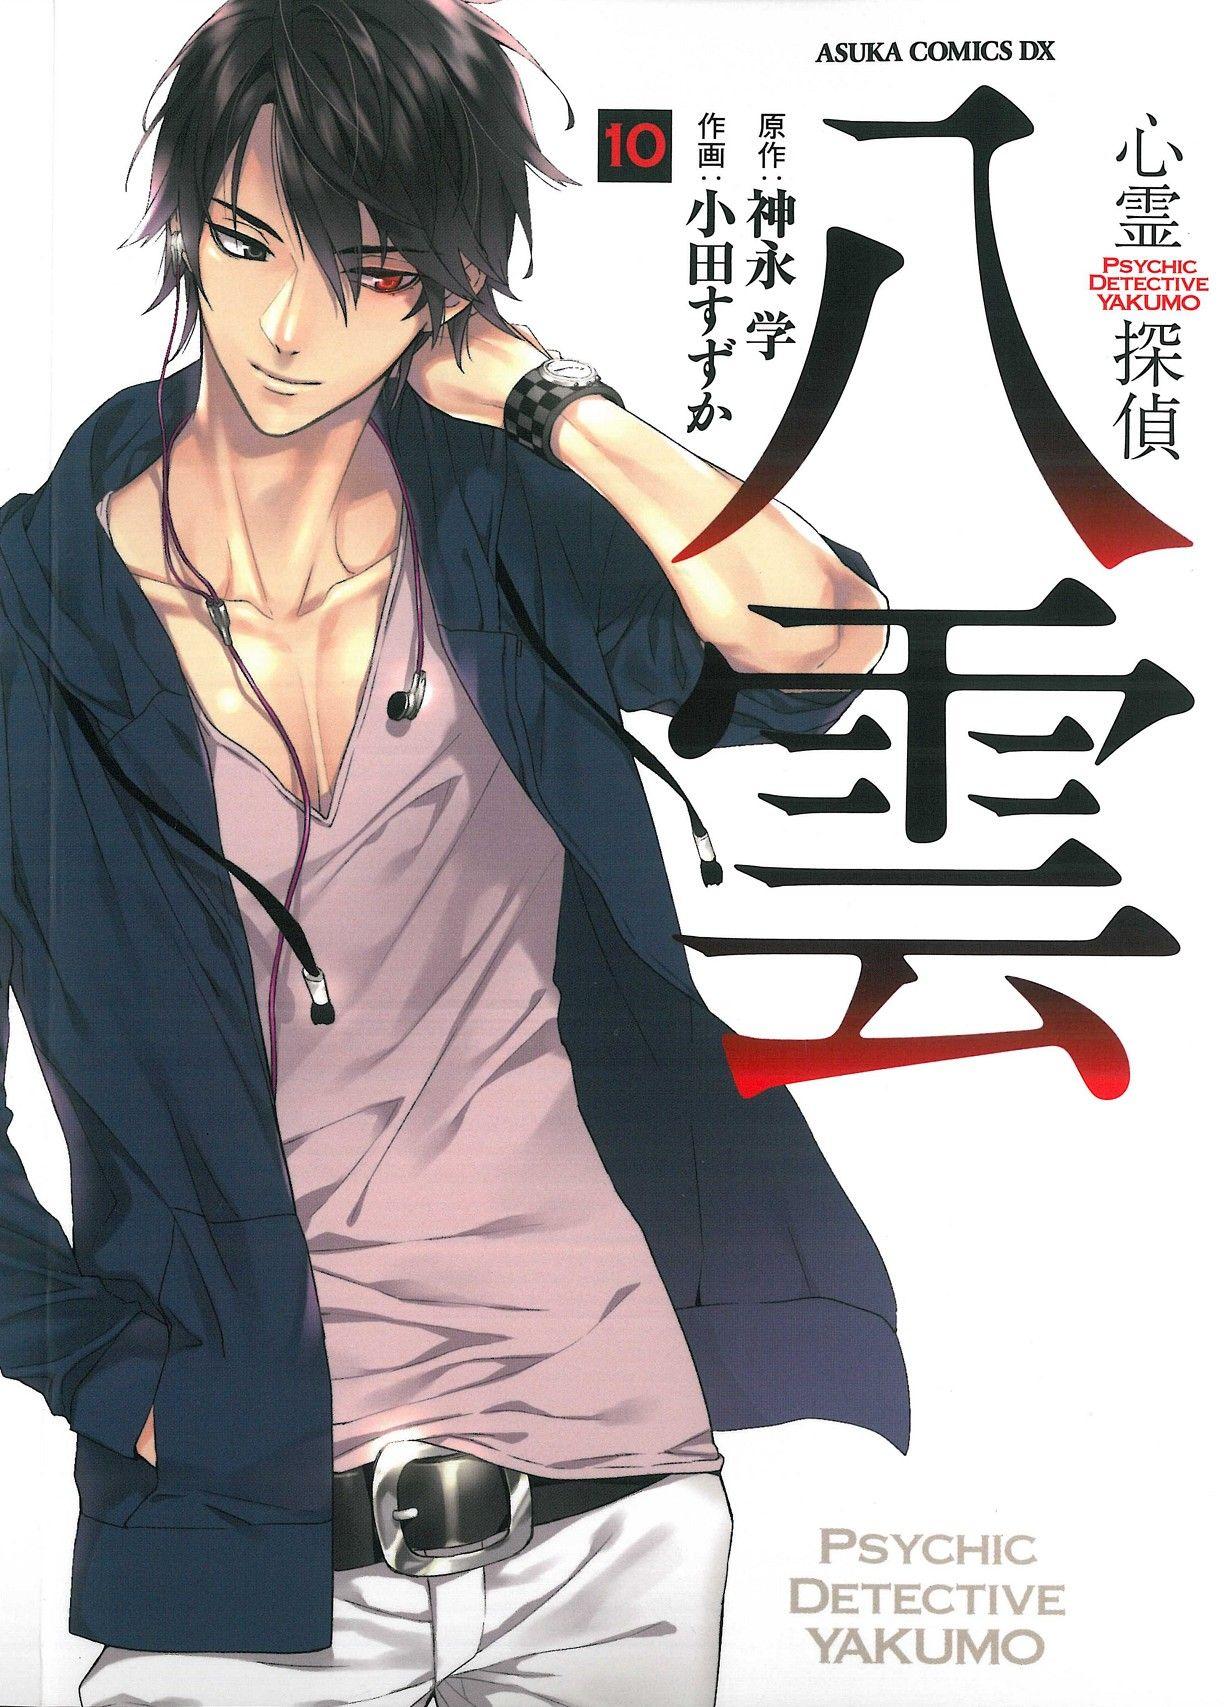 Psychic Detective Yakumo Psychic Detective Yakumo Pinterest